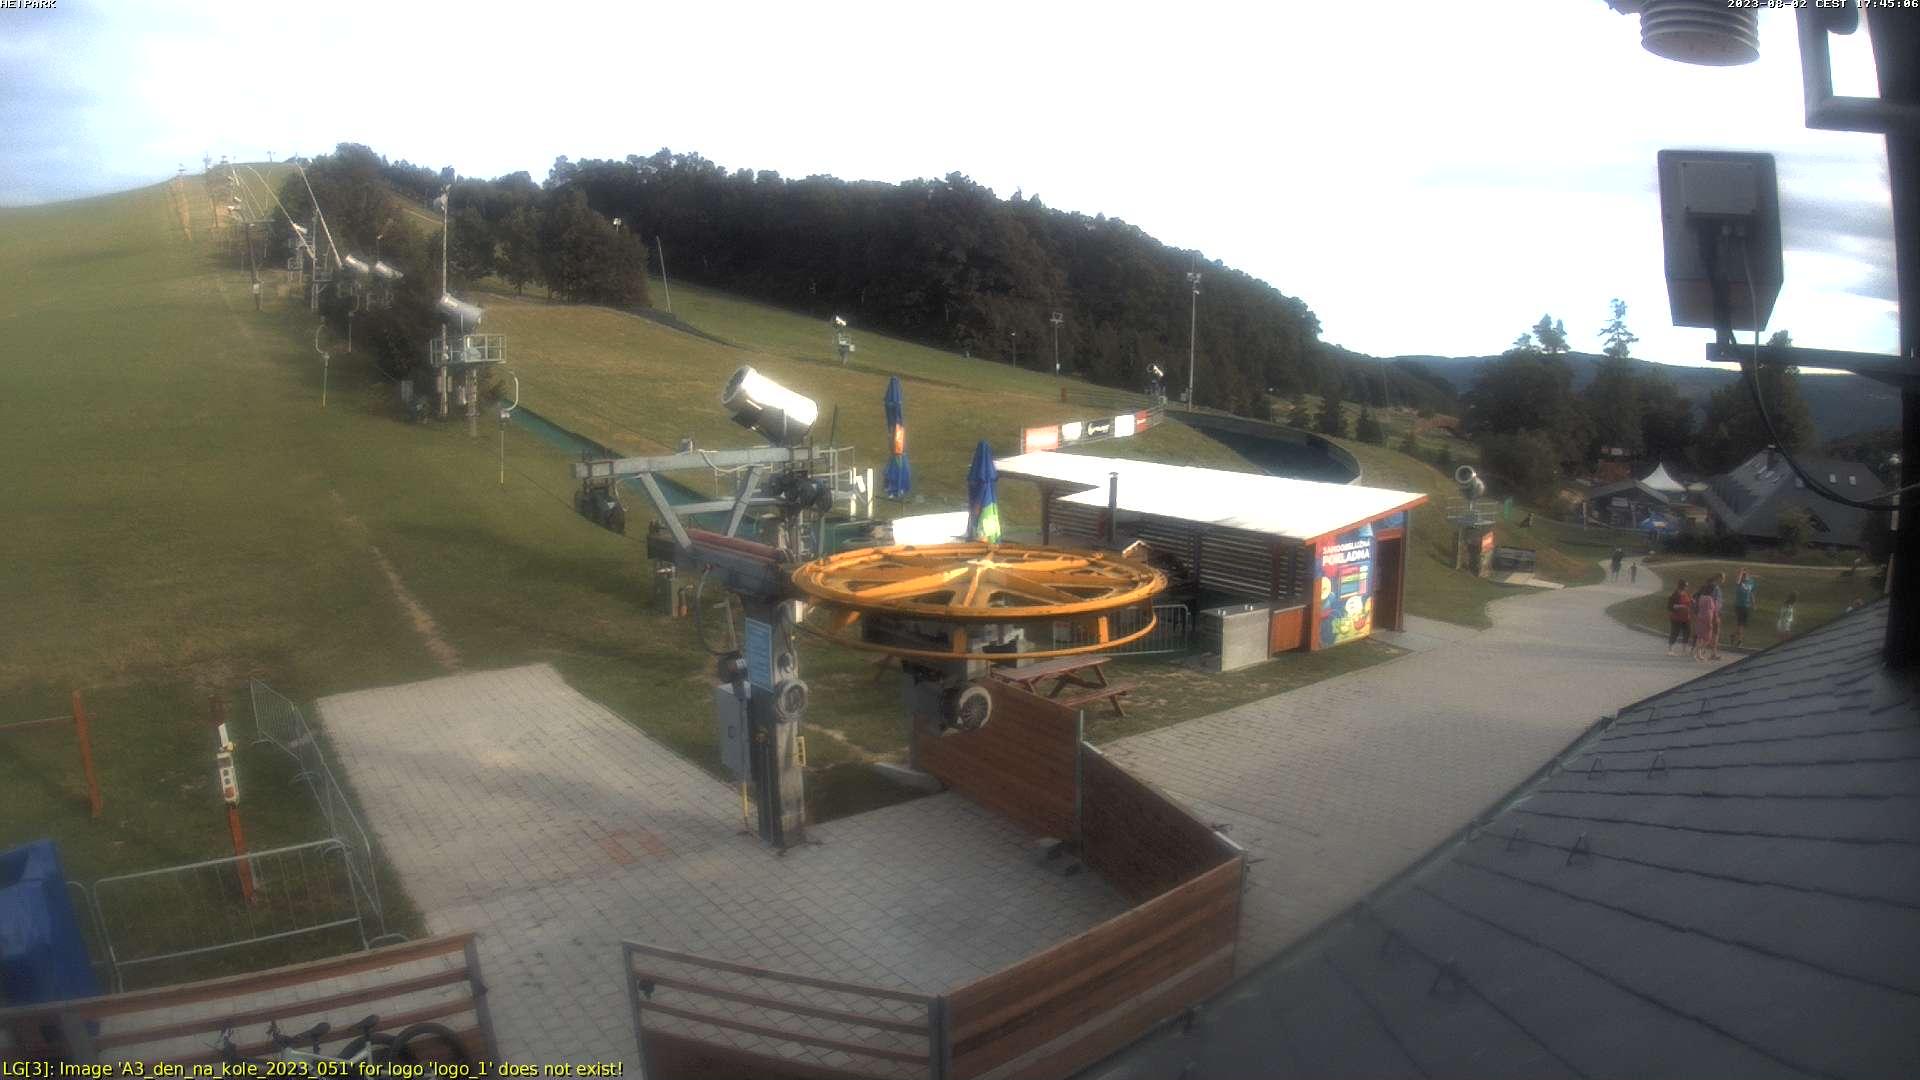 Fotografie z webkamery na sjezdovce v HEIPARKU Tošovice